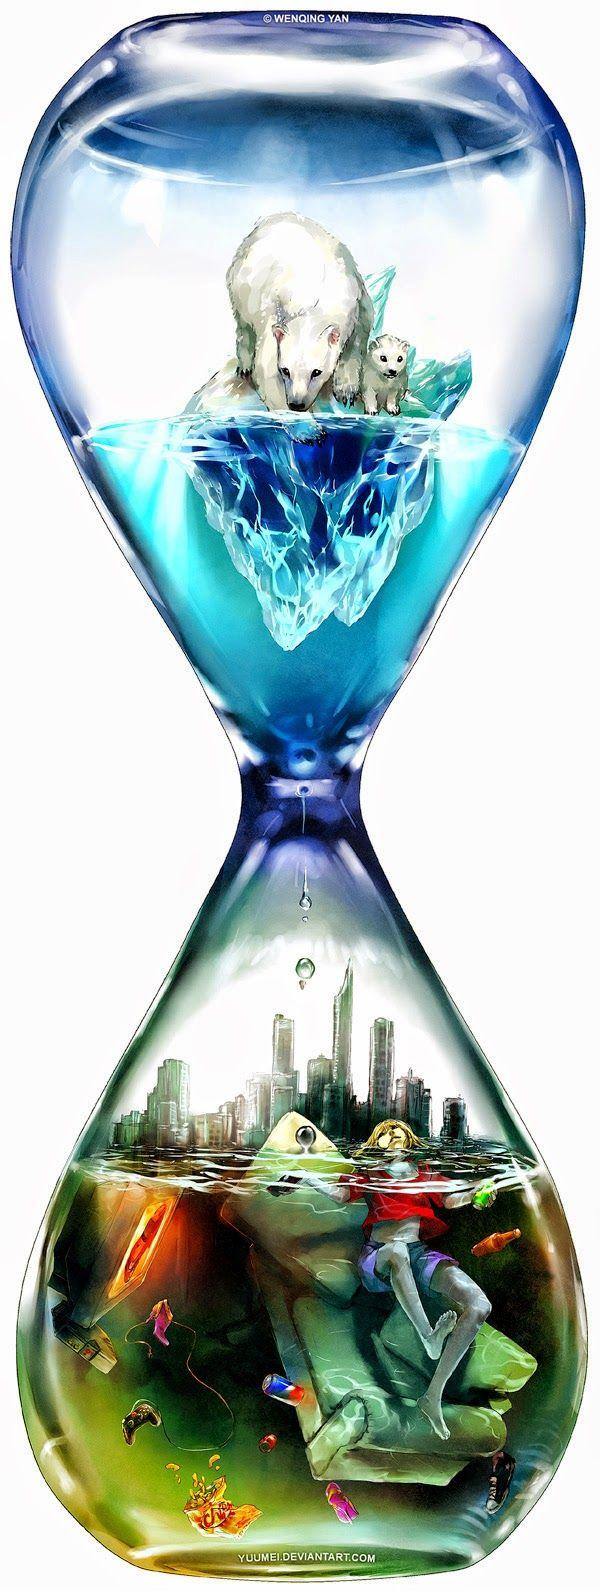 16-09-2014 {*} #CambioClimático {*} boletín diario   El #Ártico y la importancia de actuar frente al cambio #climático   La petición de Ban Ki-moon a los líderes #políticos es clara: anunciar #acciones novedosas que los países deben emprender para que entre todos ...  Leer más en http://laoropendolasostenible.blogspot.com.es/2014/09/16-09-2014-cambioclimatico-boletin.html